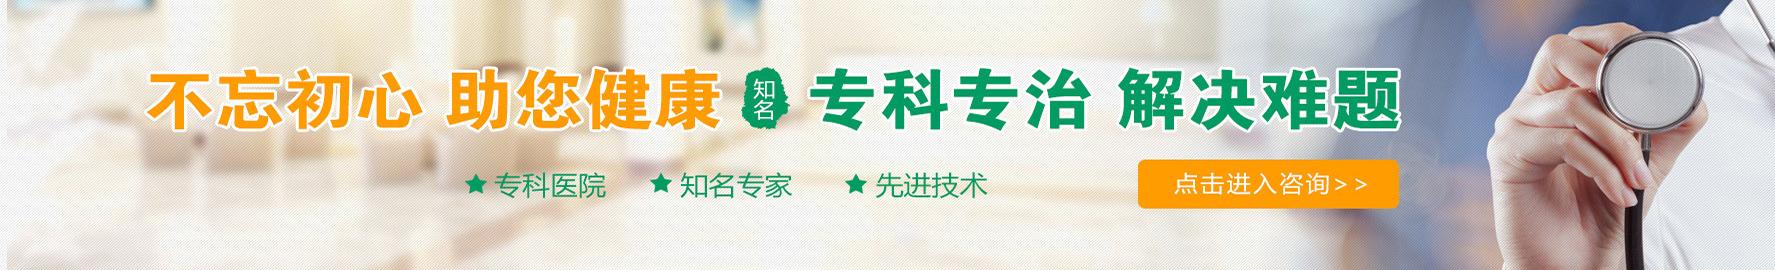 杭州皮肤病医院